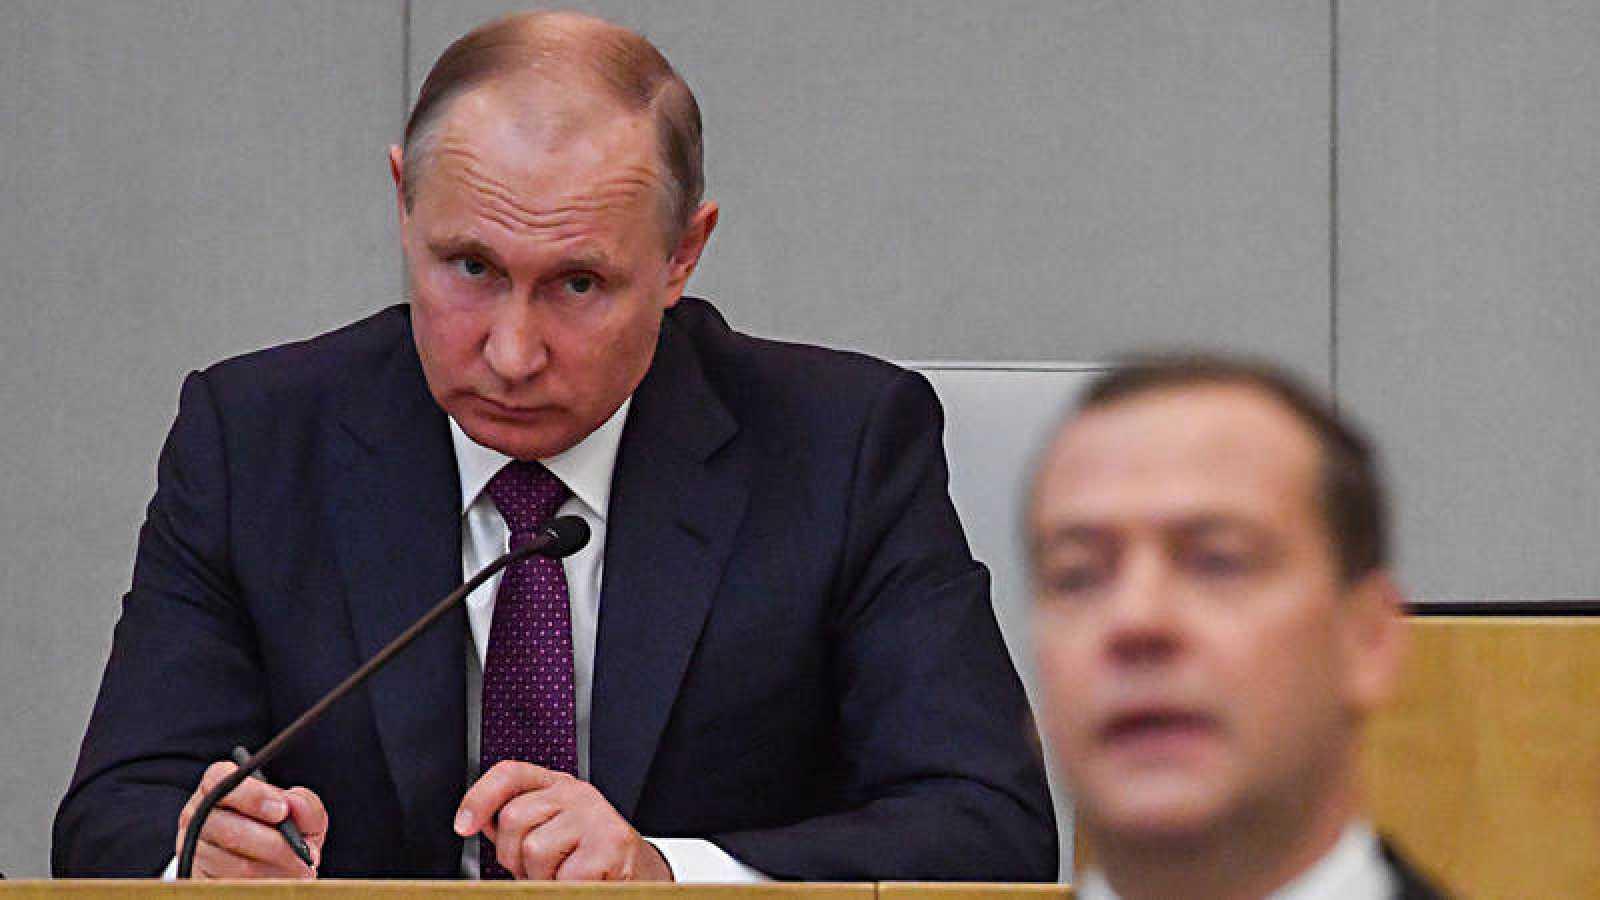 El presidente ruso, Vladímir Putin, escucha al primer ministro, Dimitri Medvedev, durante la sesión parlamentaria que ha renovado el mandato de este